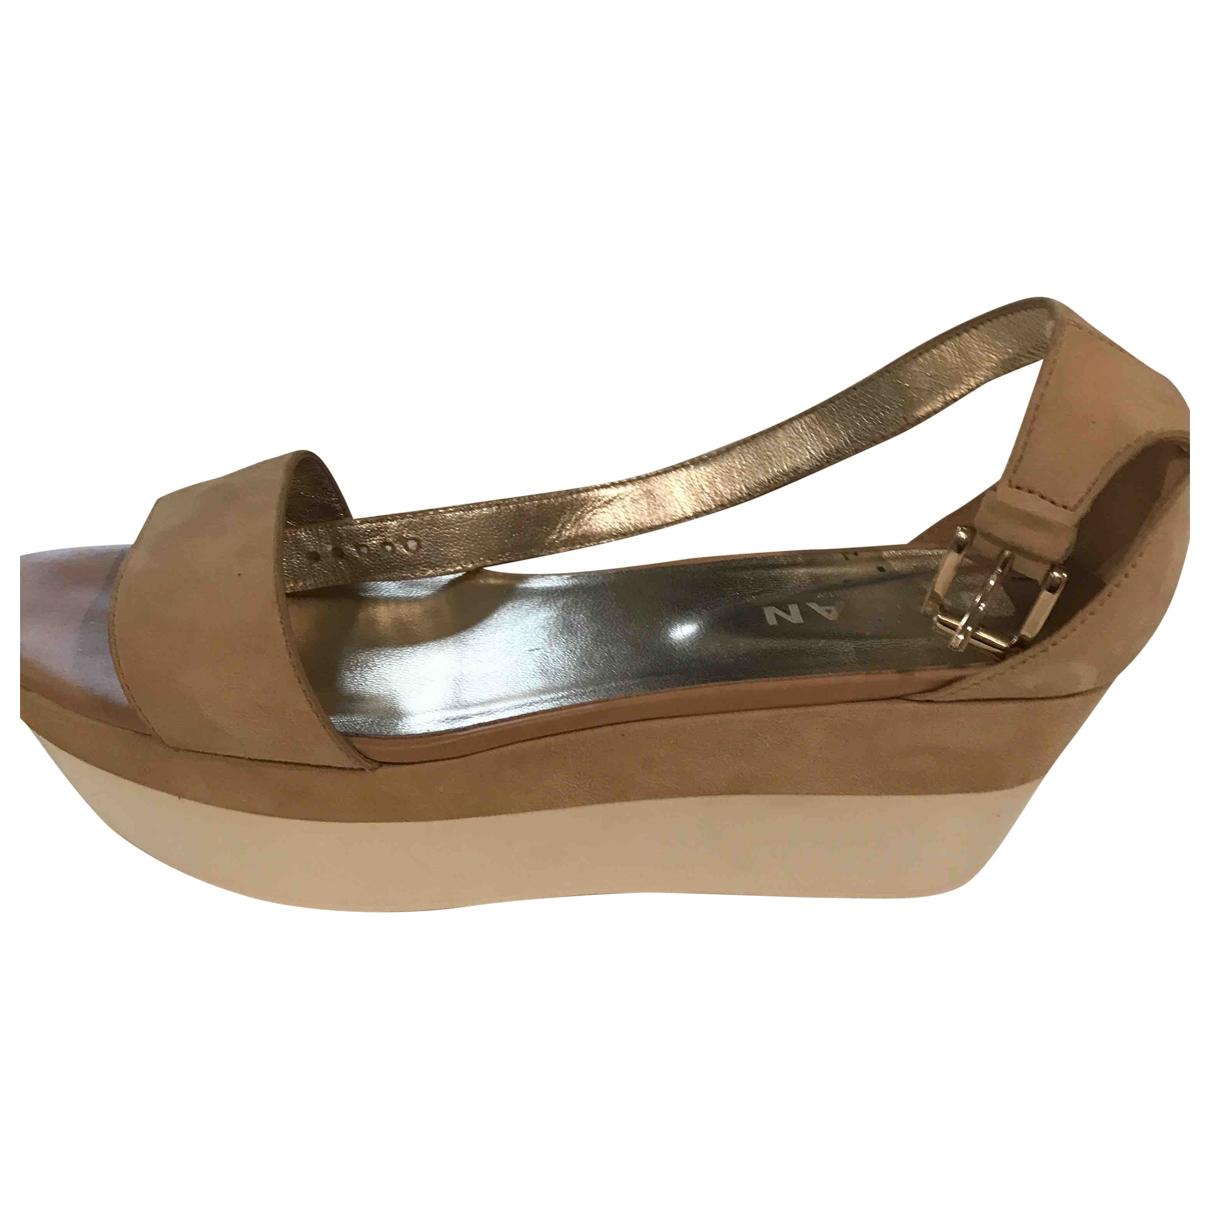 Sandalias romanas de Terciopelo Hogan